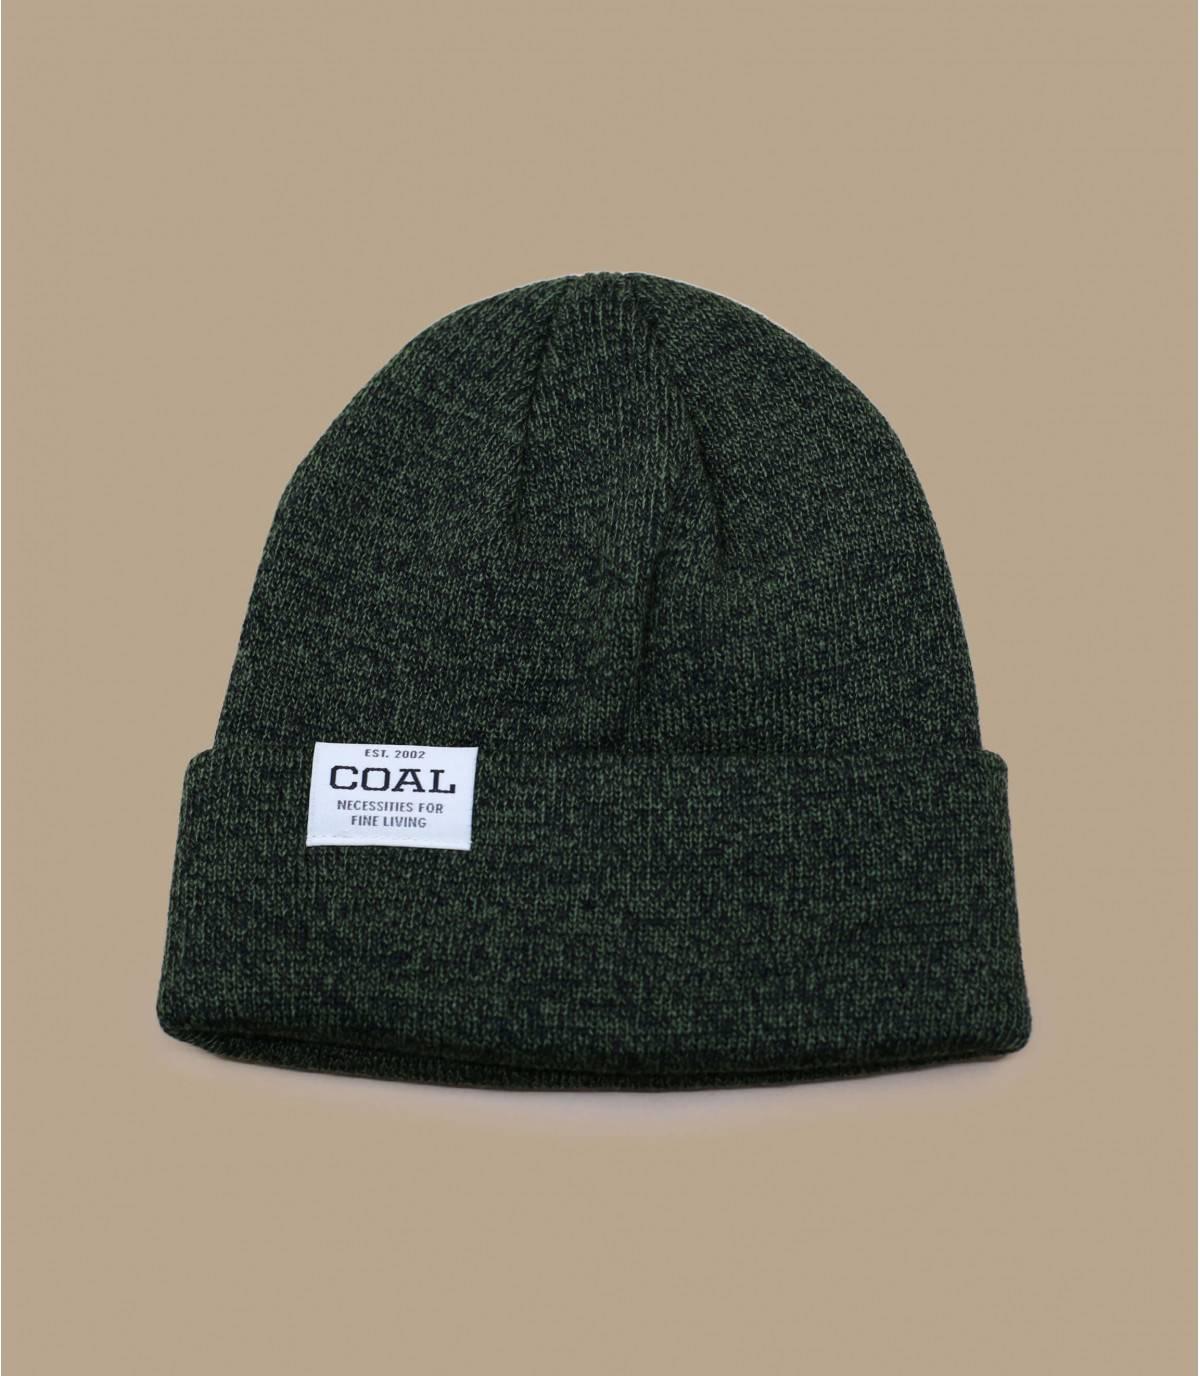 cappello peruviano nero Coal